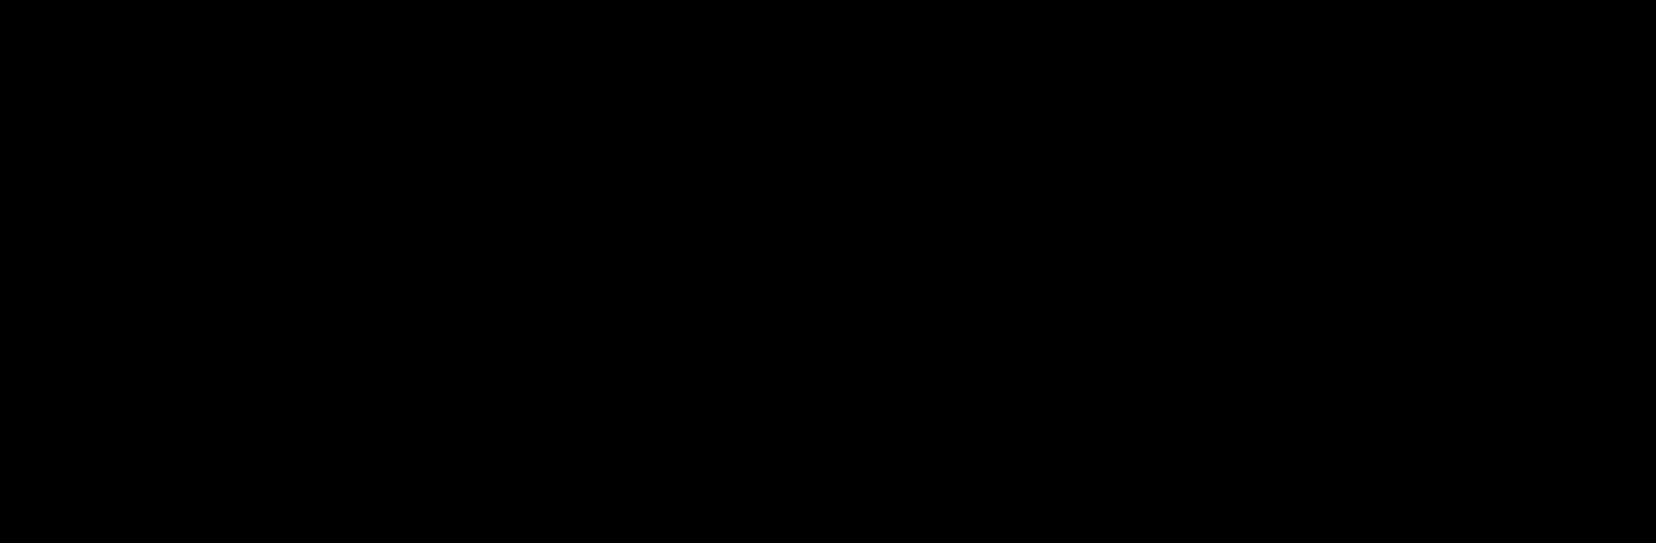 遊びの分類表